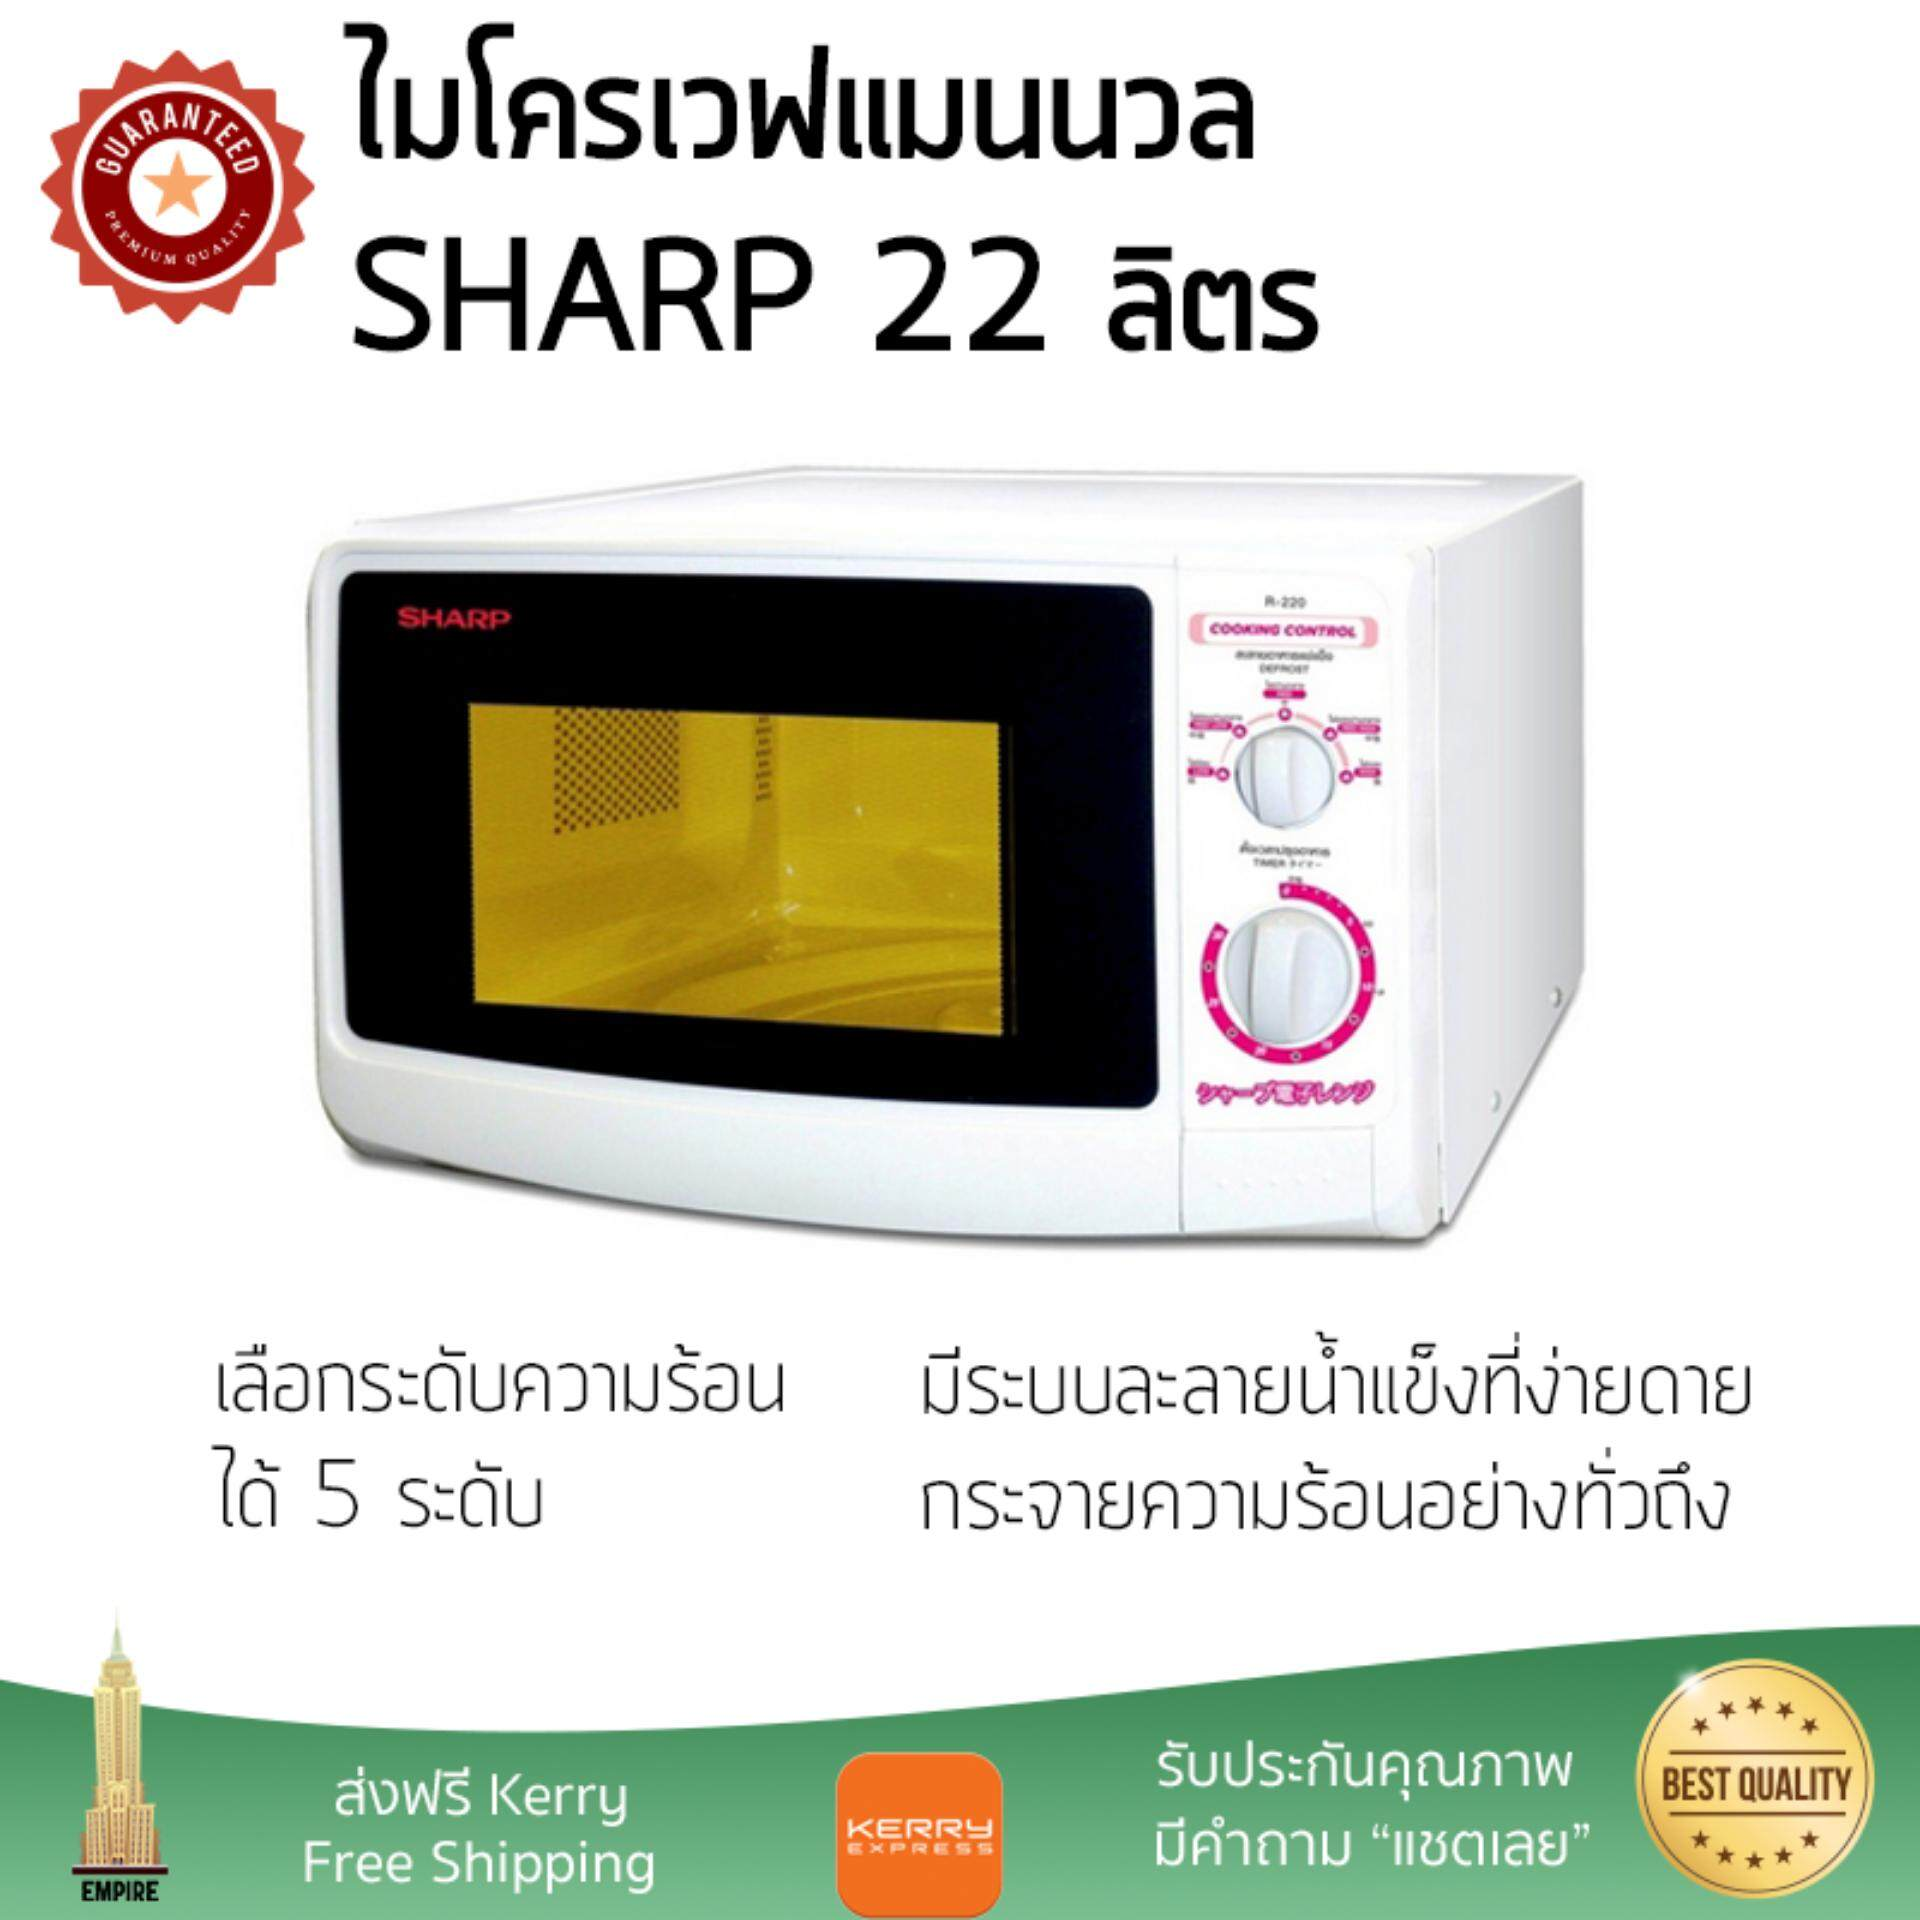 รุ่นใหม่ล่าสุด ไมโครเวฟ เตาอบไมโครเวฟ ไมโครเวฟ SHARP R-220 22L   SHARP   R-220 ปรับระดับความร้อนได้หลายระดับ  มีฟังก์ชันละลายน้ำแข็ง ใช้งานง่าย Microwave จัดส่งฟรีทั่วประเทศ